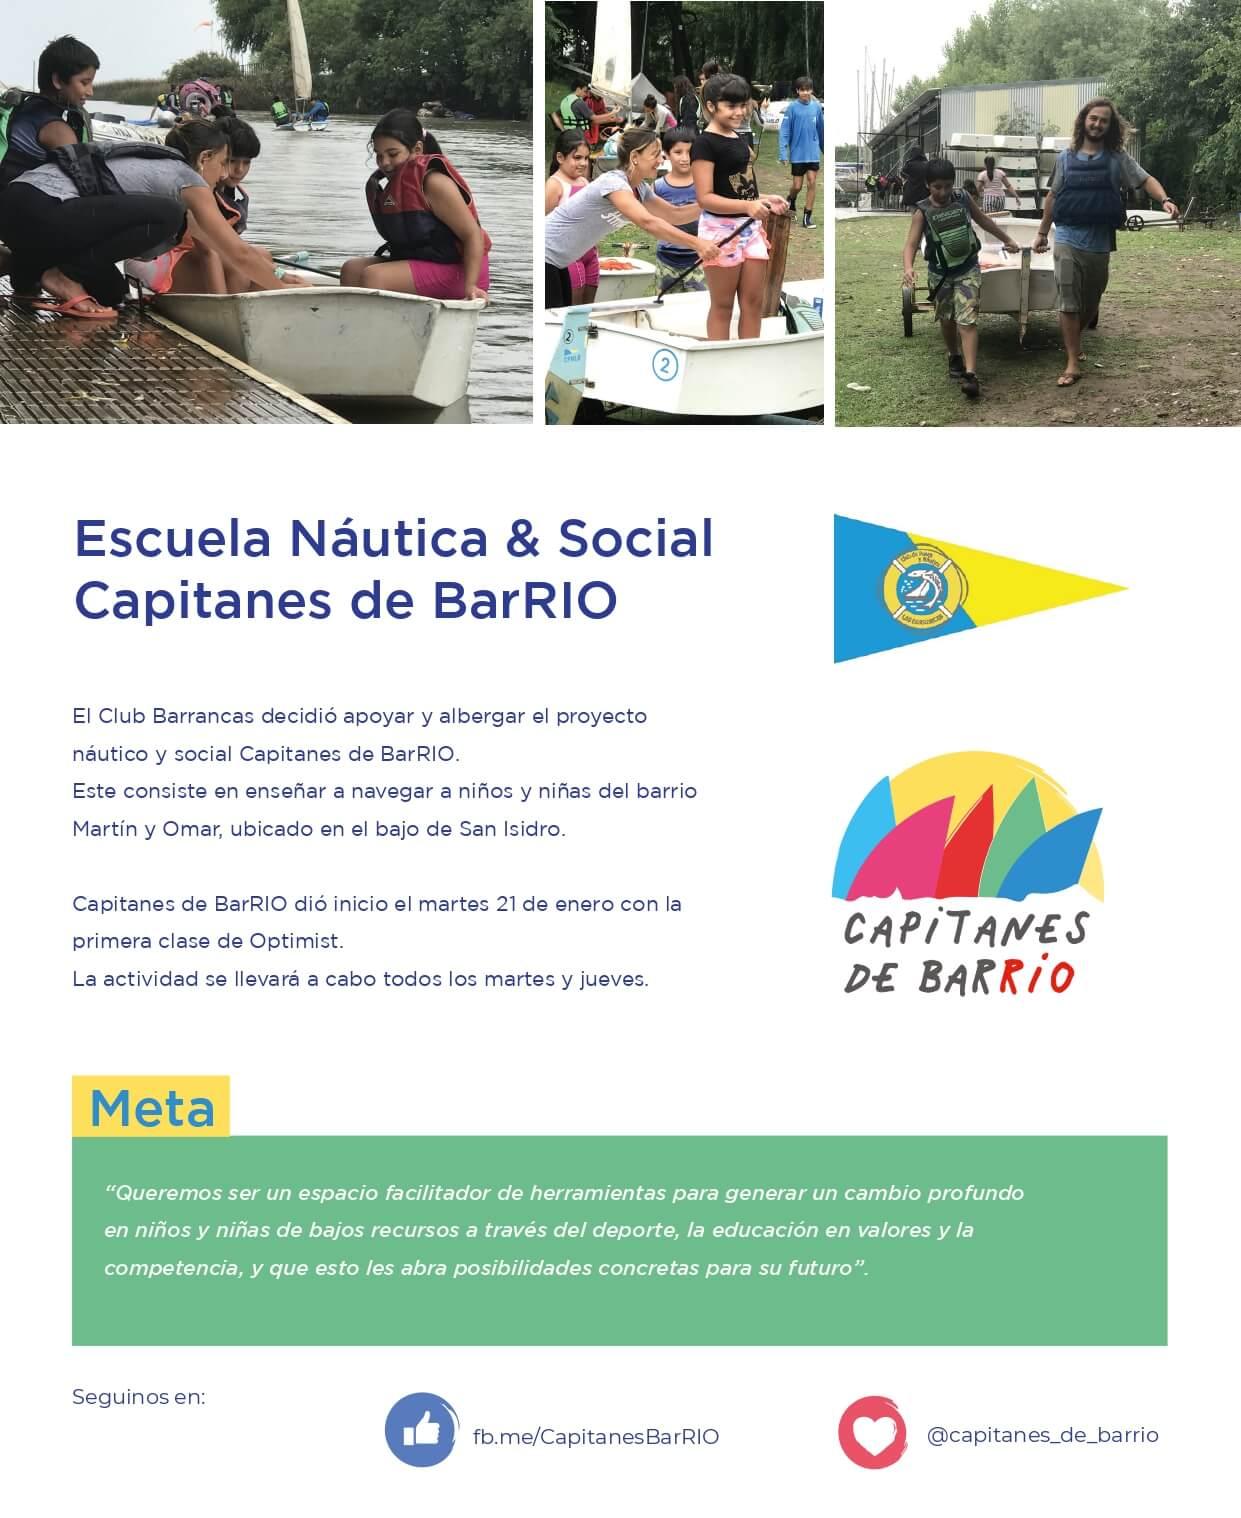 Escuela Nautica y Social de BarRio - Flyer